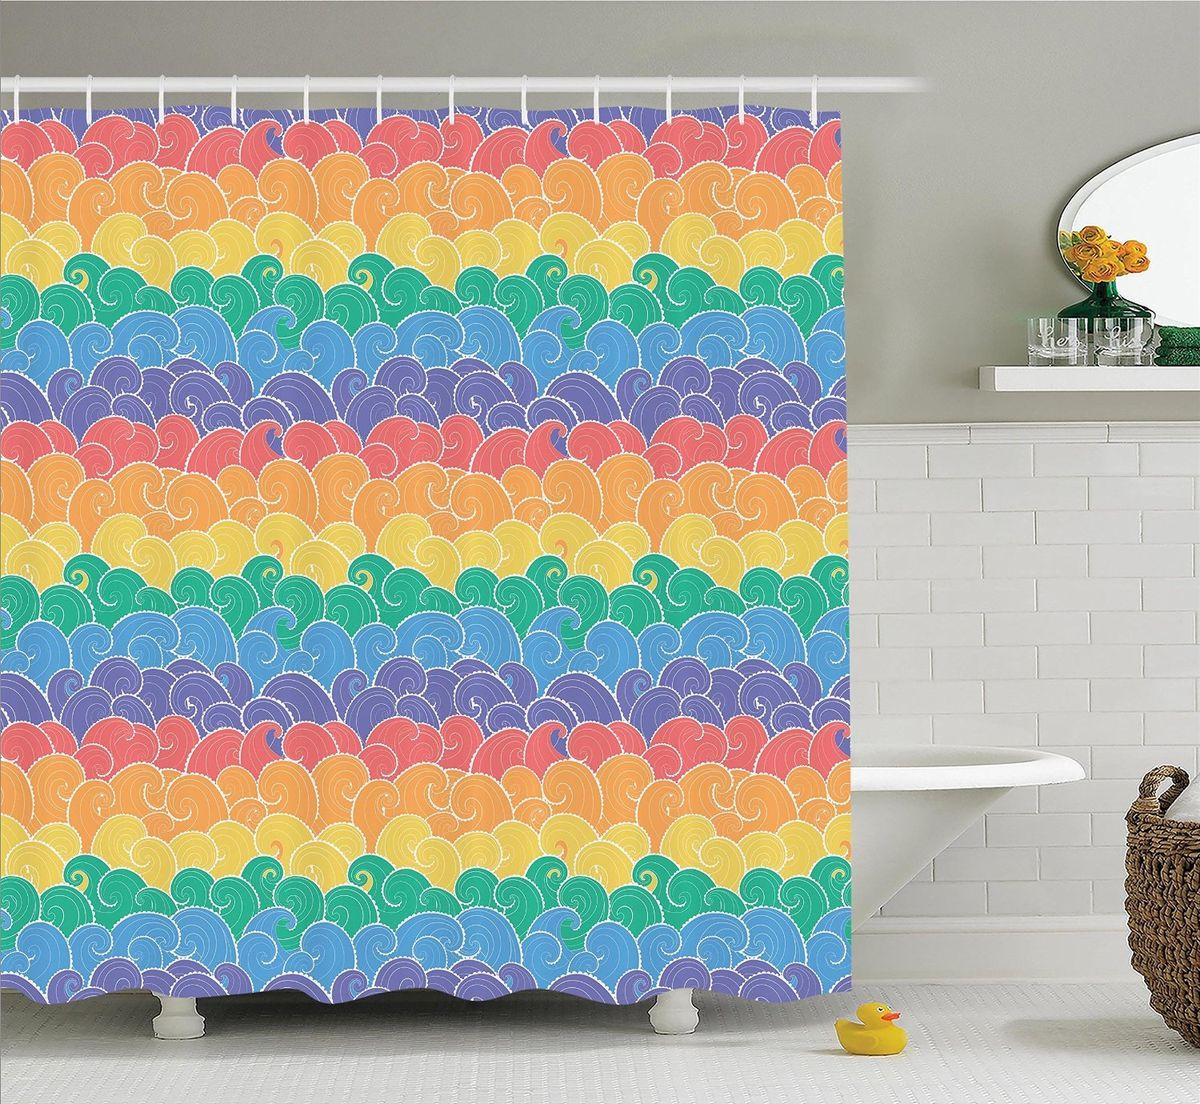 Штора для ванной комнаты Magic Lady Цветные волны, 180 х 200 смшв_12536Штора Magic Lady Цветные волны, изготовленная из высококачественного сатена (полиэстер 100%), отлично дополнит любой интерьер ванной комнаты. При изготовлении используются специальные гипоаллергенные чернила для прямой печати по ткани, безопасные для человека. В комплекте: 1 штора, 12 крючков. Обращаем ваше внимание, фактический цвет изделия может незначительно отличаться от представленного на фото.